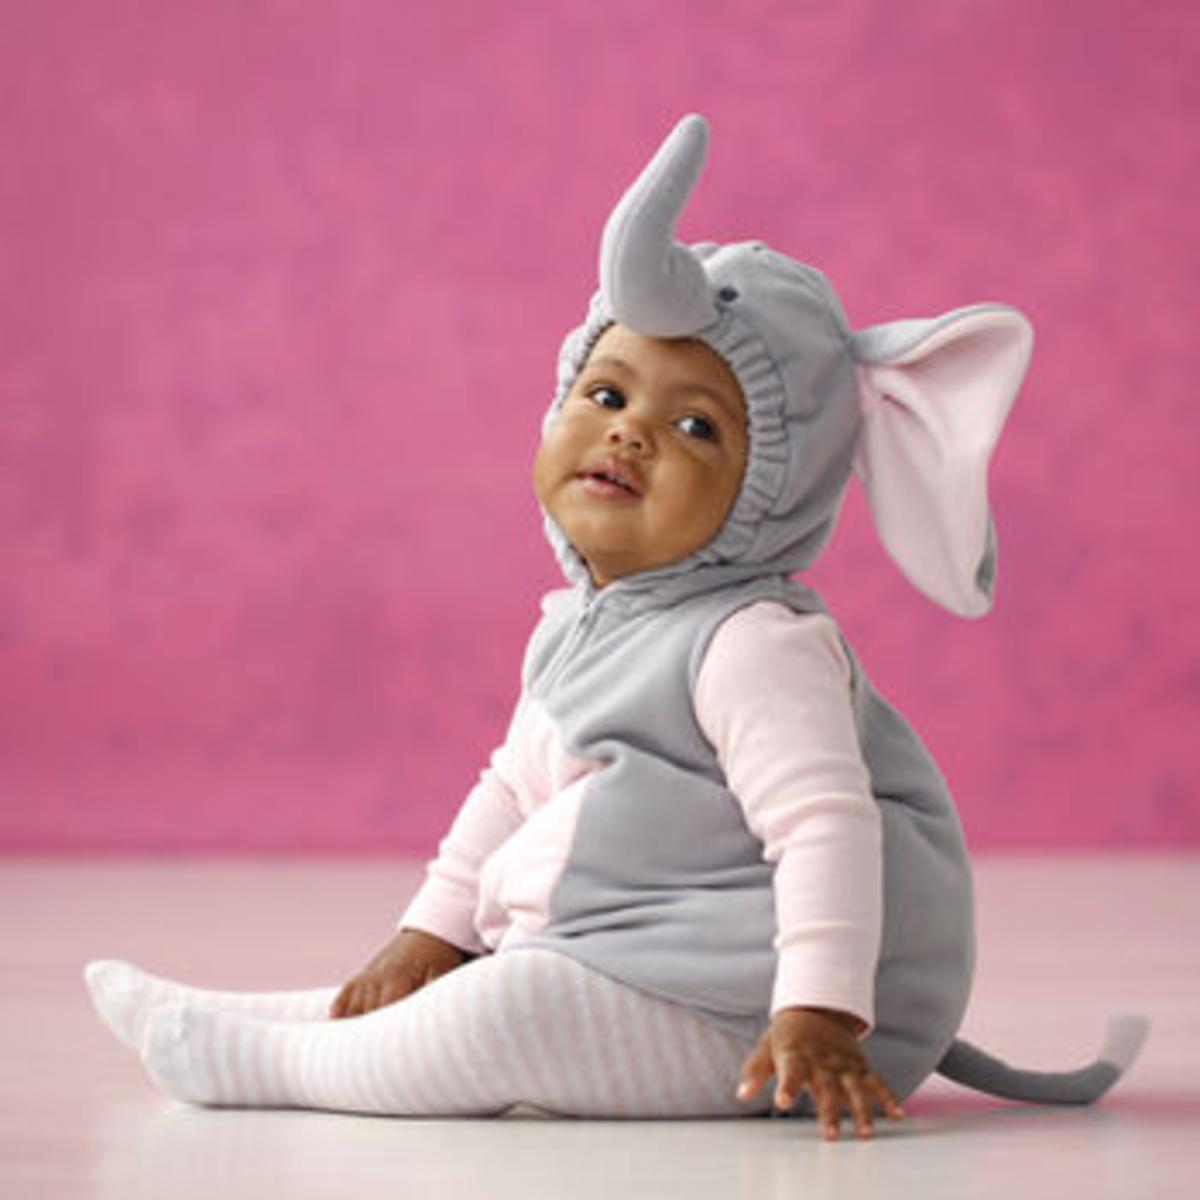 elephant-baby-costumes